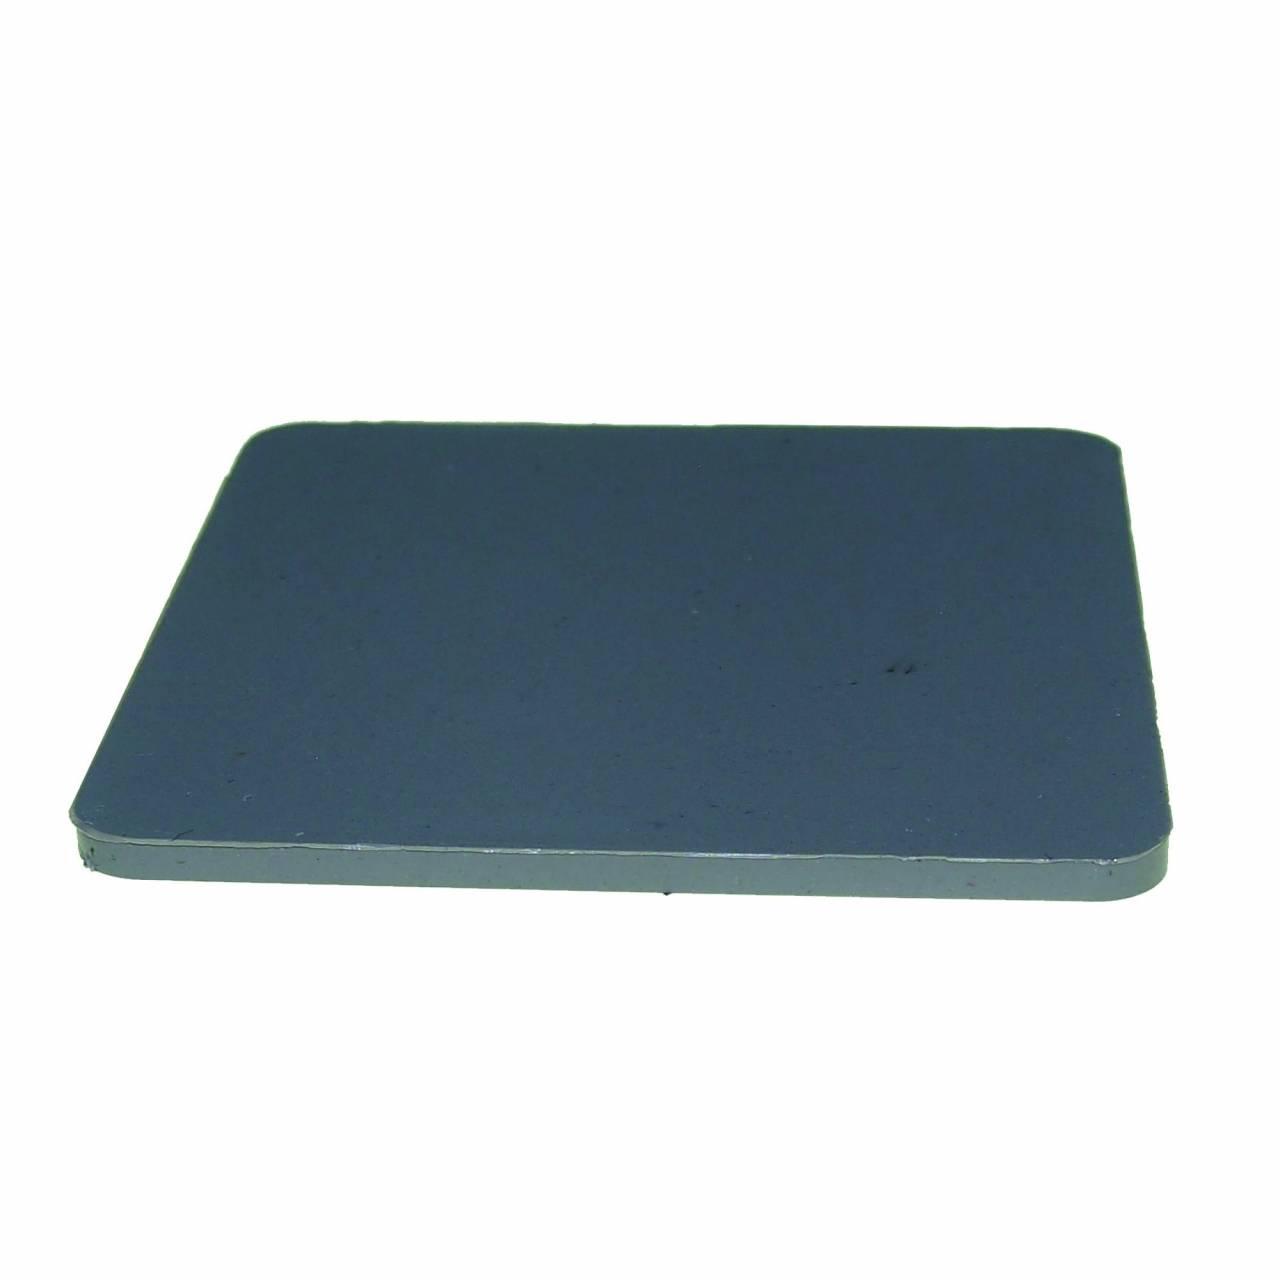 Montageplatten 70 x 70 x 2 mm, ohne Schlitz / Sack a 1000 Stück